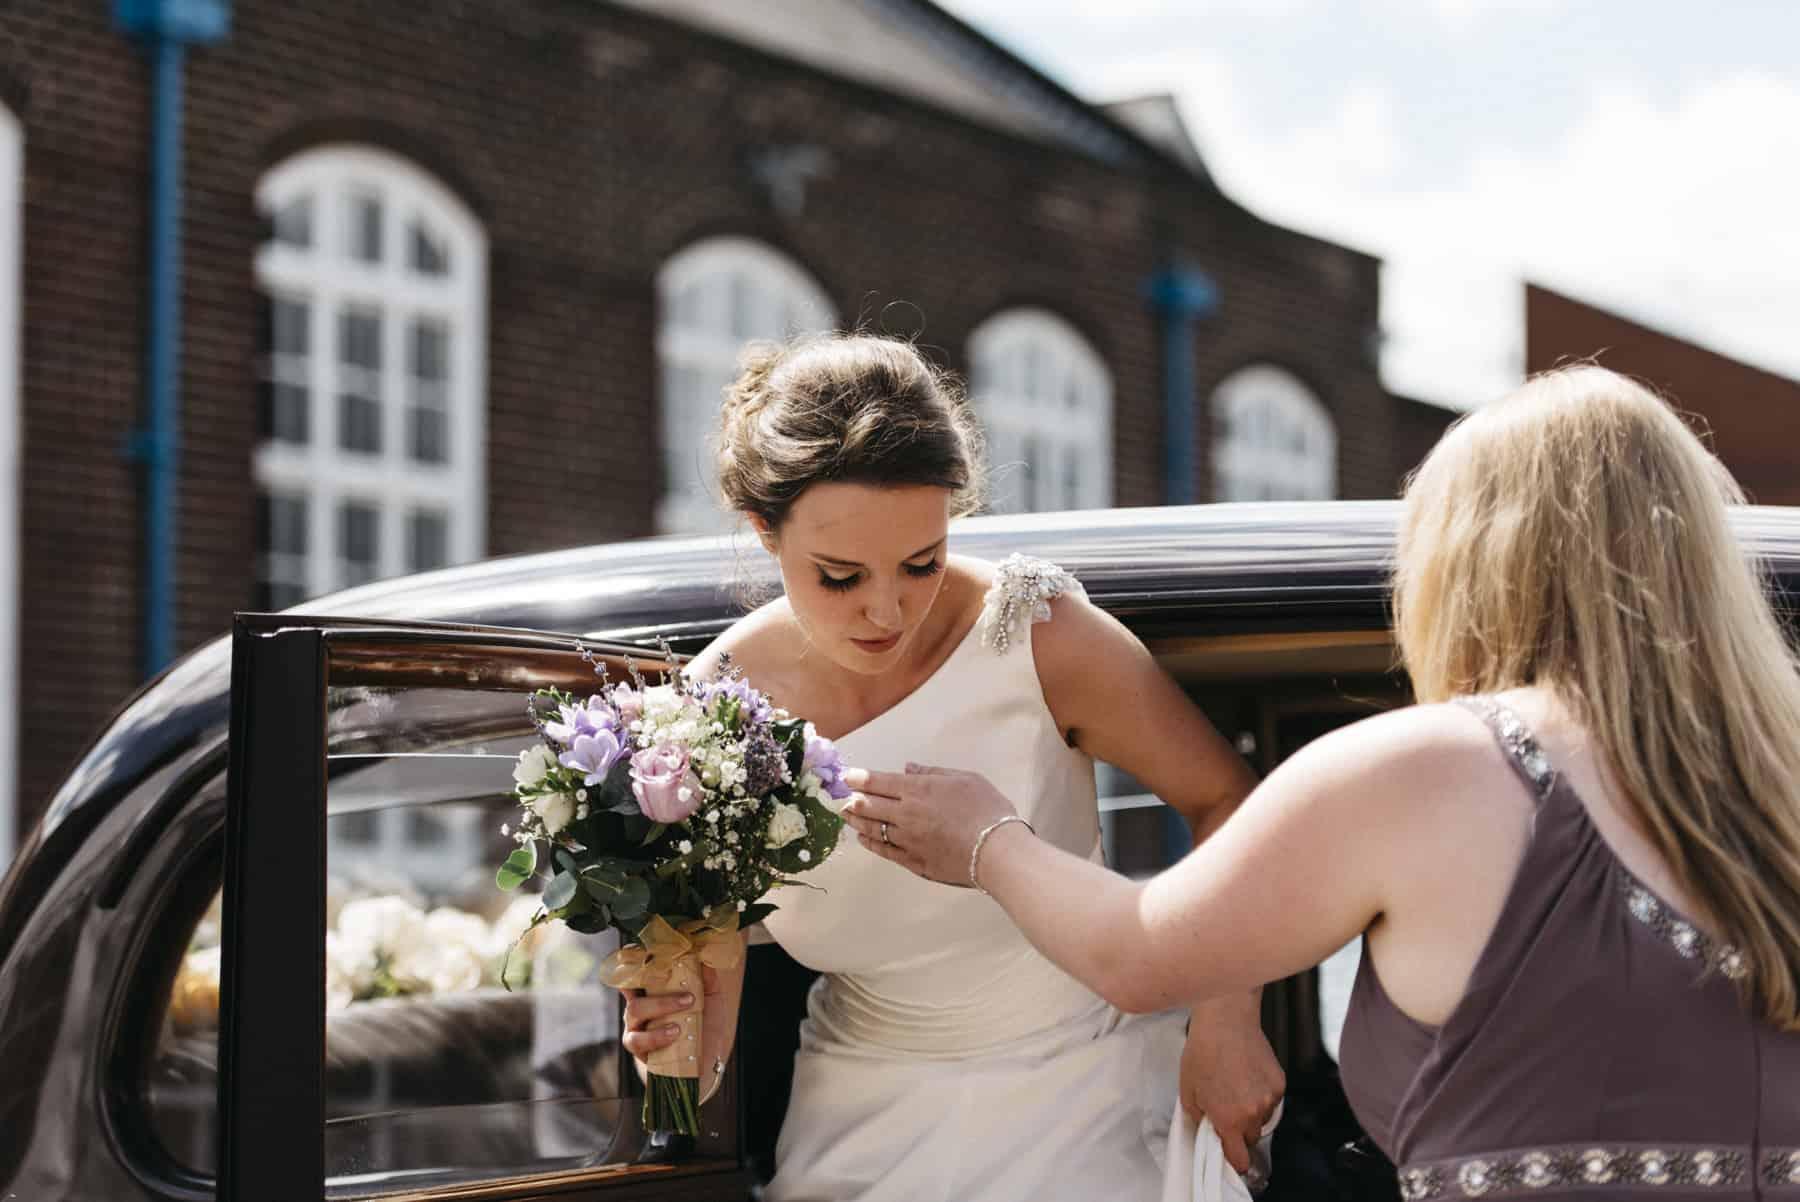 bridesmaid helps bride out of car